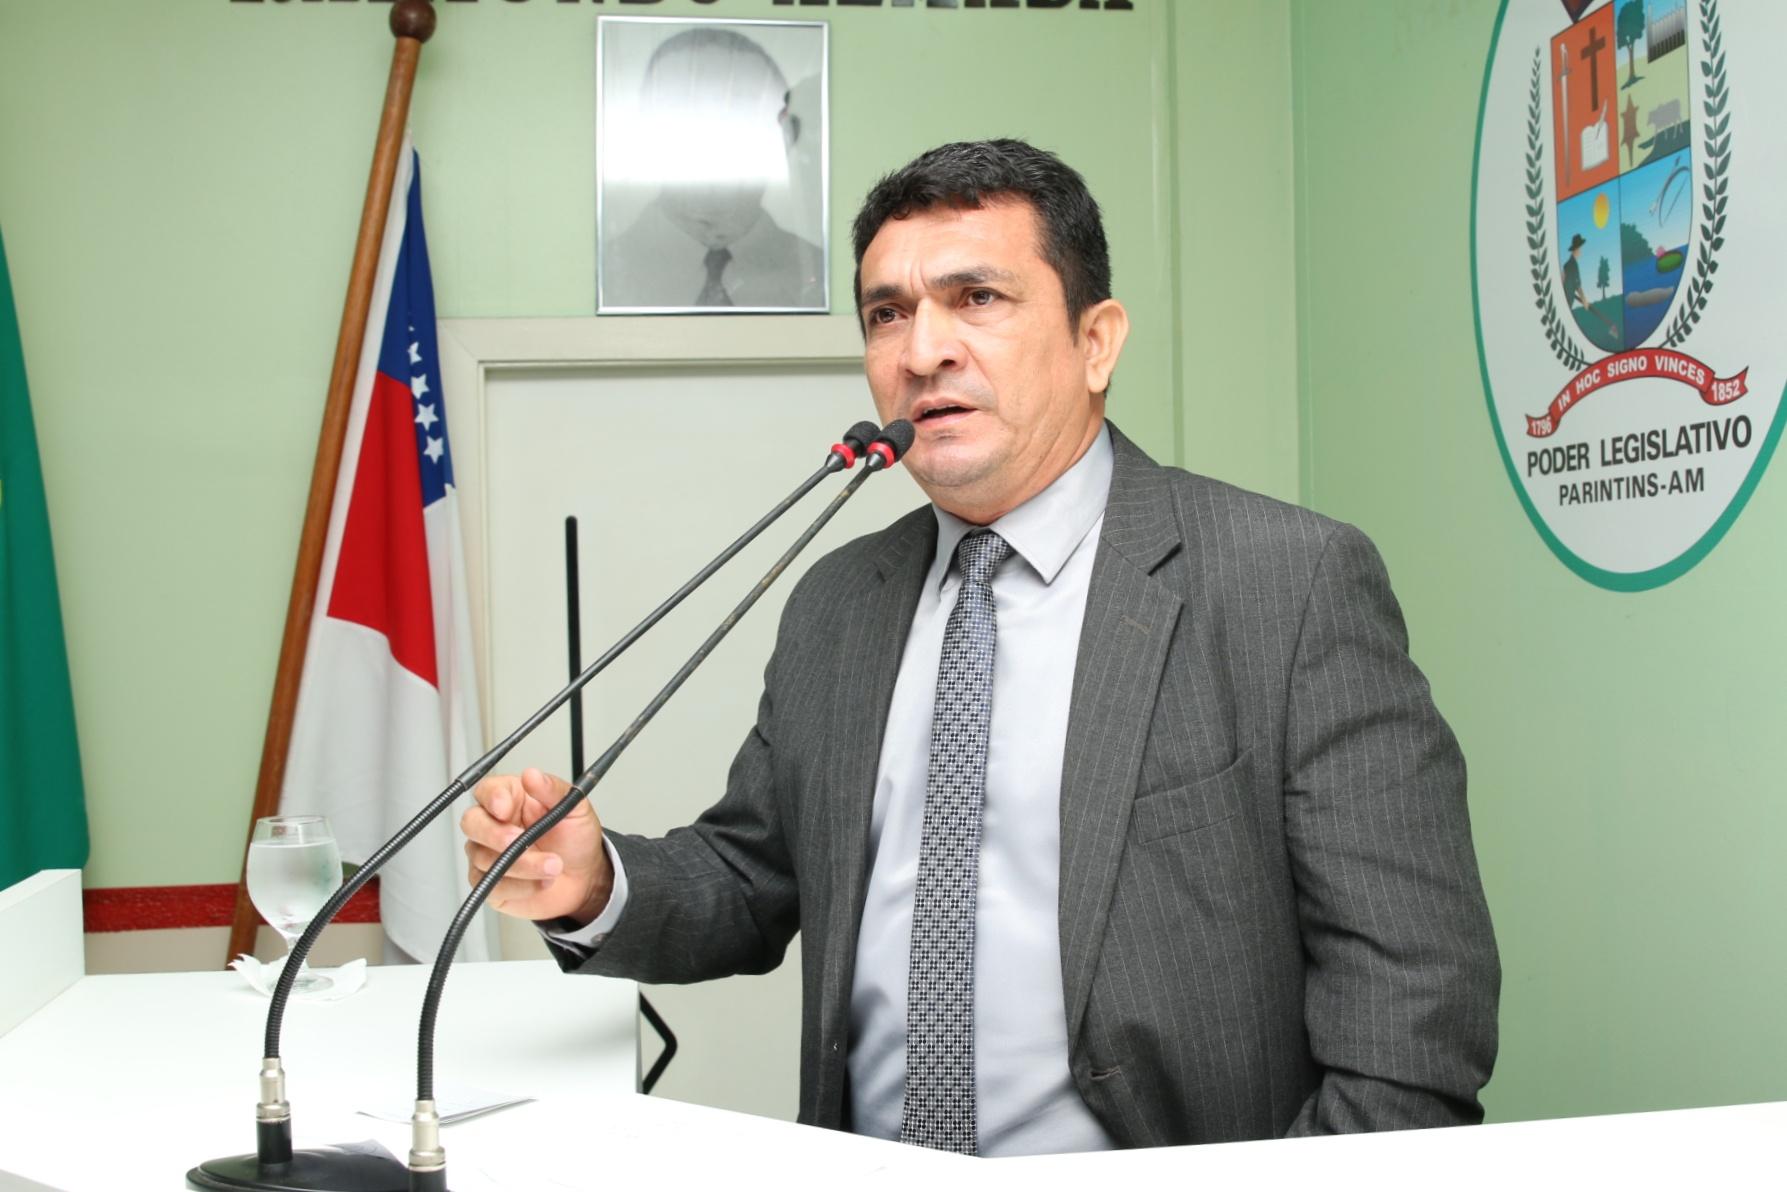 Vereador Beto lamentou a morte de Tadeu de Souza e comentou sobre perseguição ao jornalista